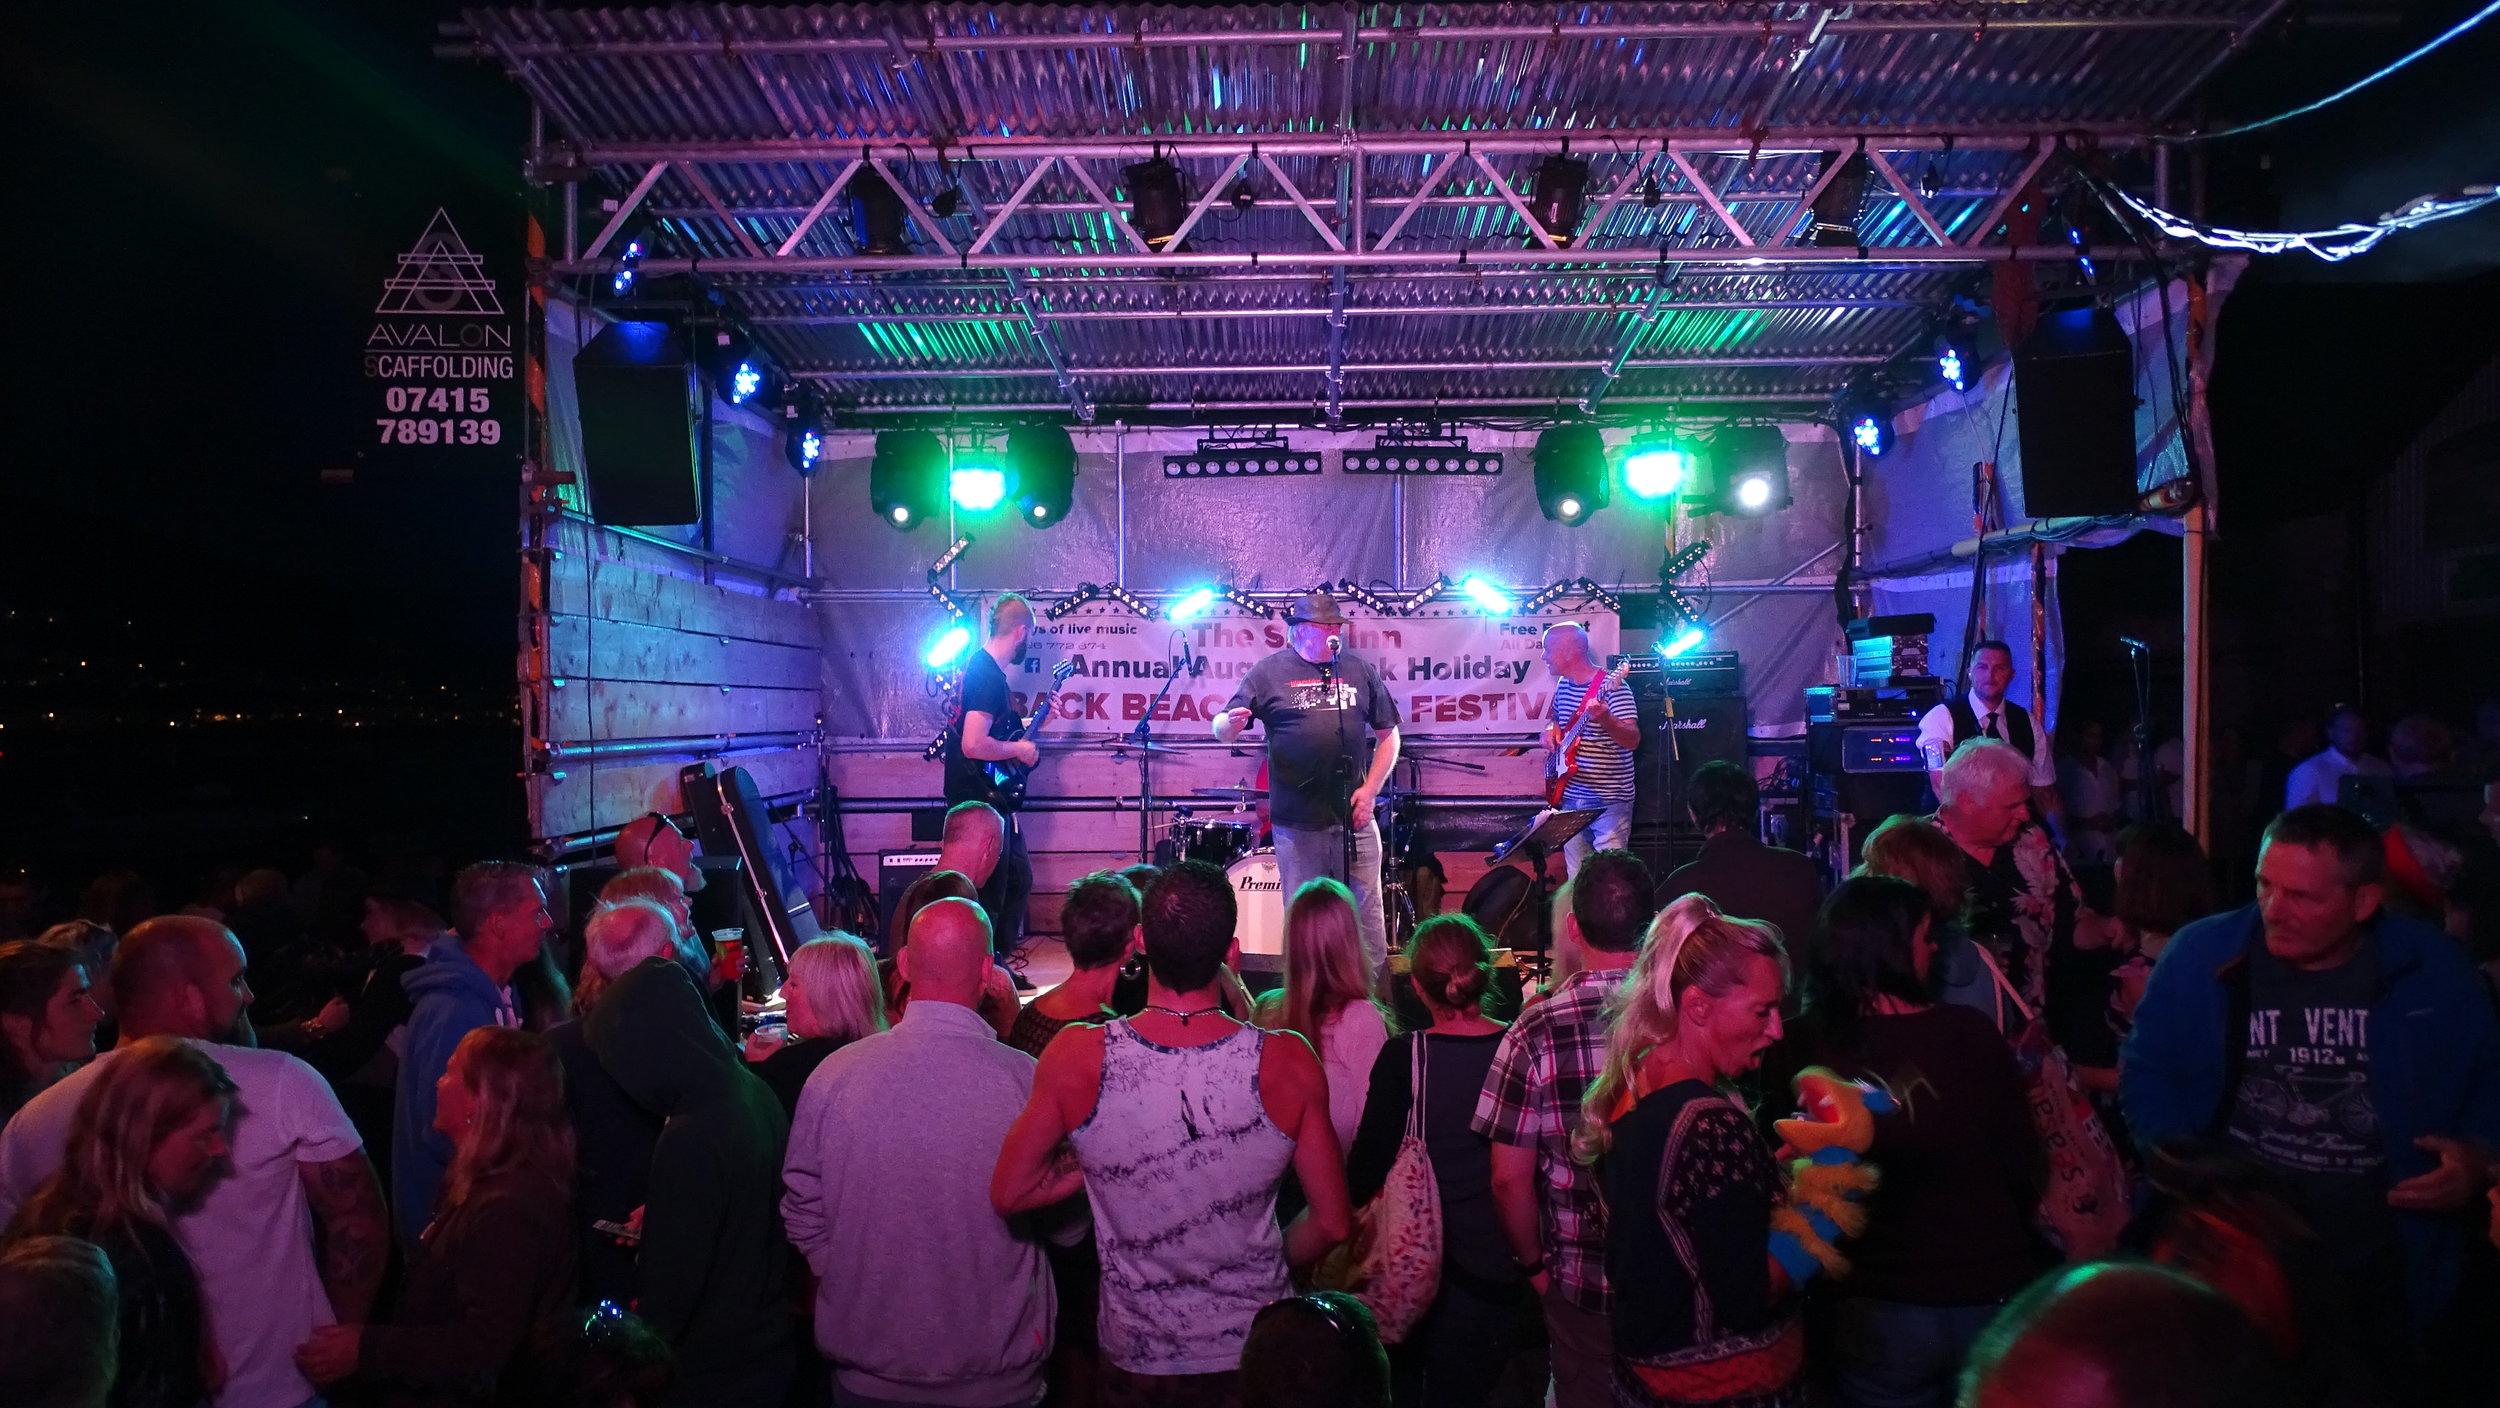 The ship inn music festival p2 032.JPG